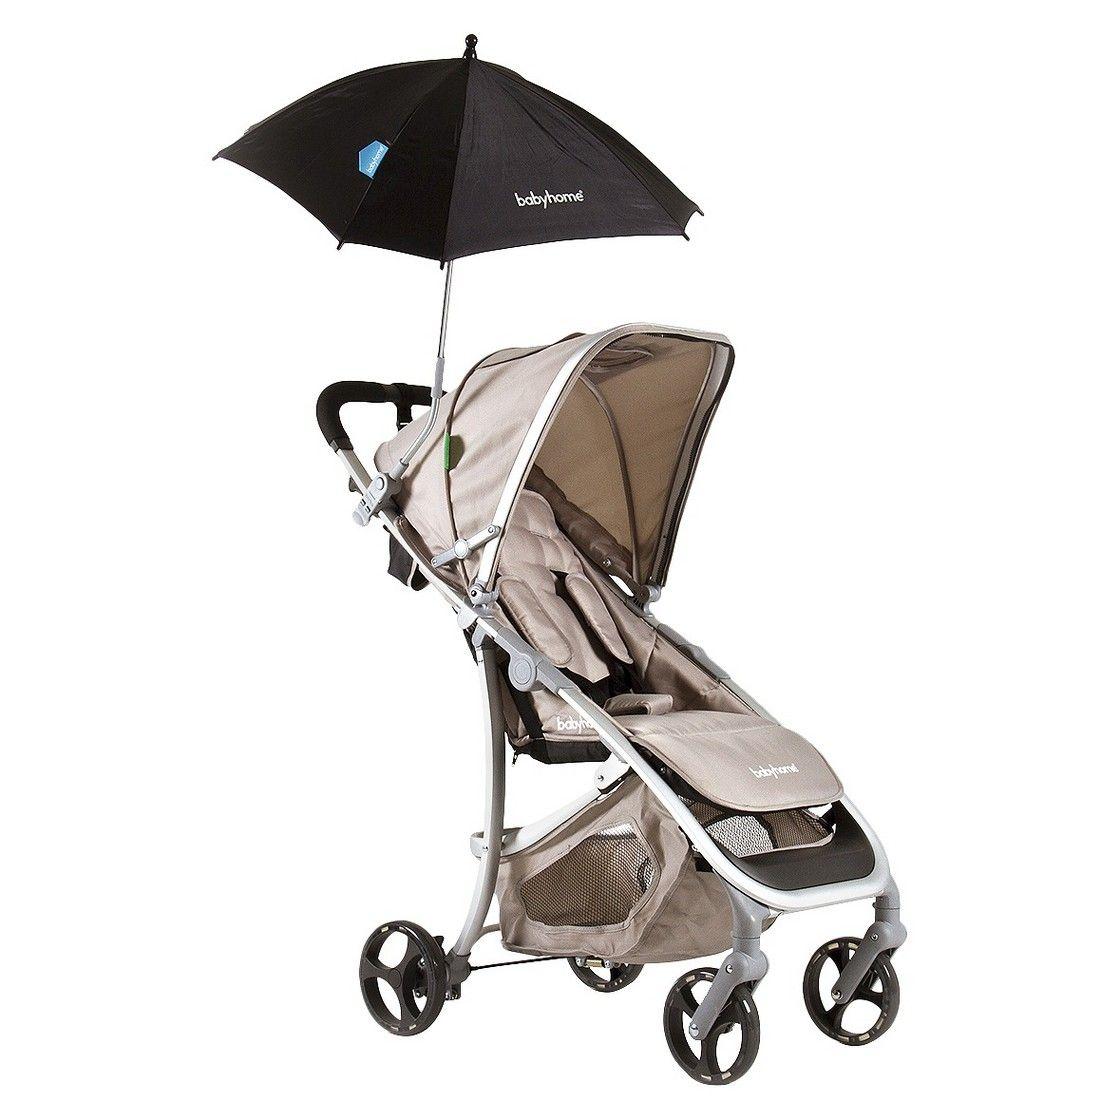 Babyhome Black Sun Umbrella Sun umbrella, Stroller, Baby